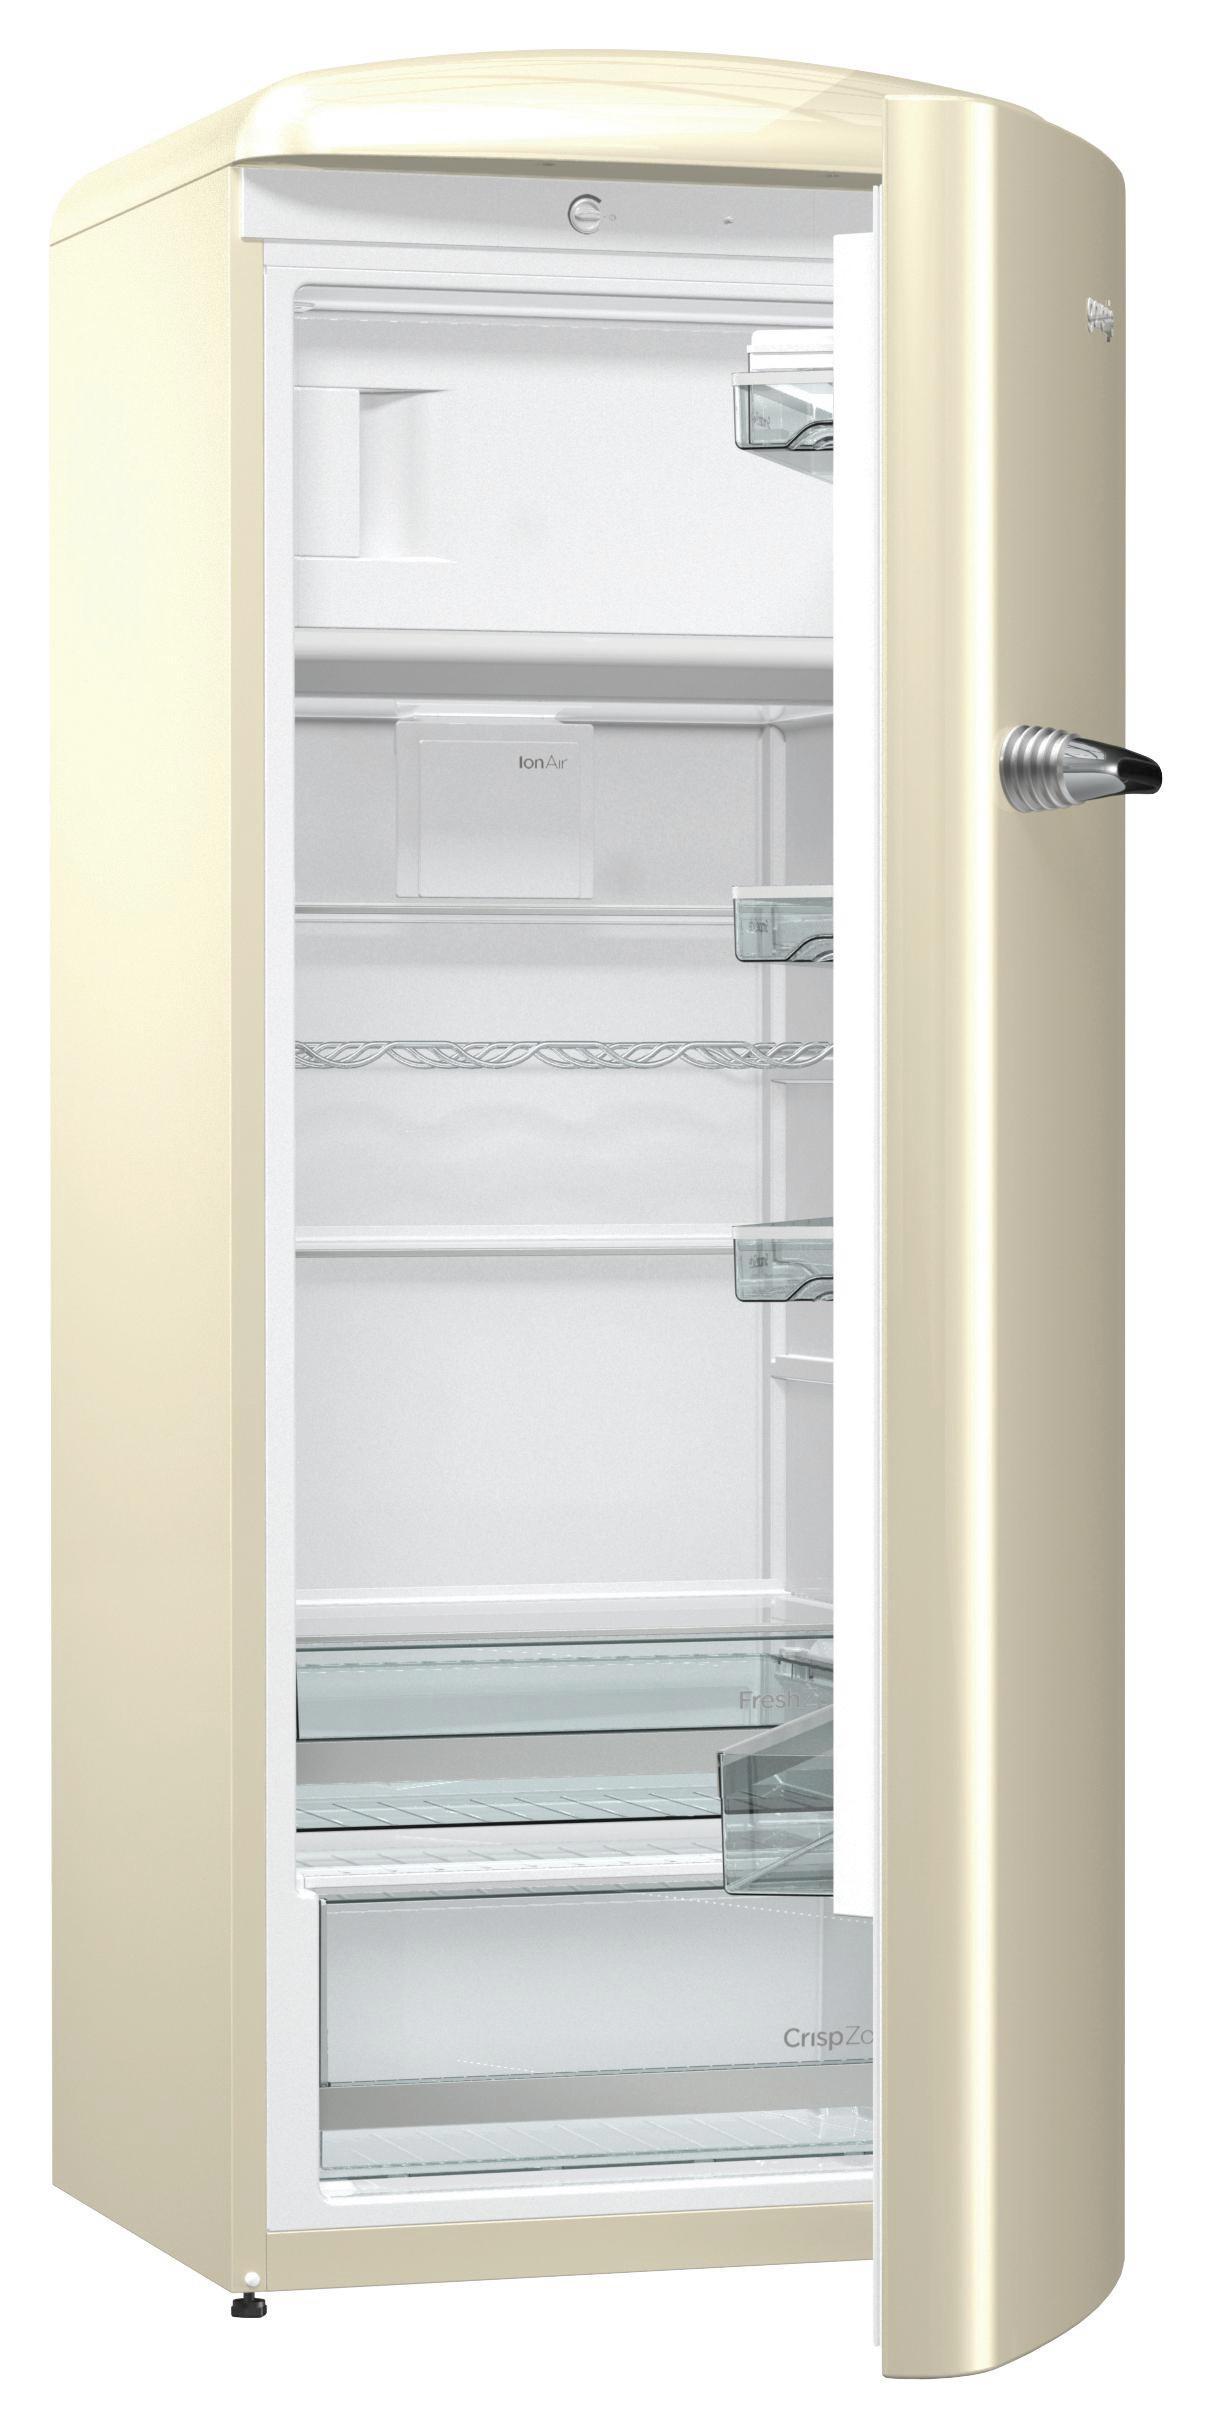 Gorenje Kühlschrank Qualität : Gorenje kühlschrank orb c online kaufen ➤ möbelix